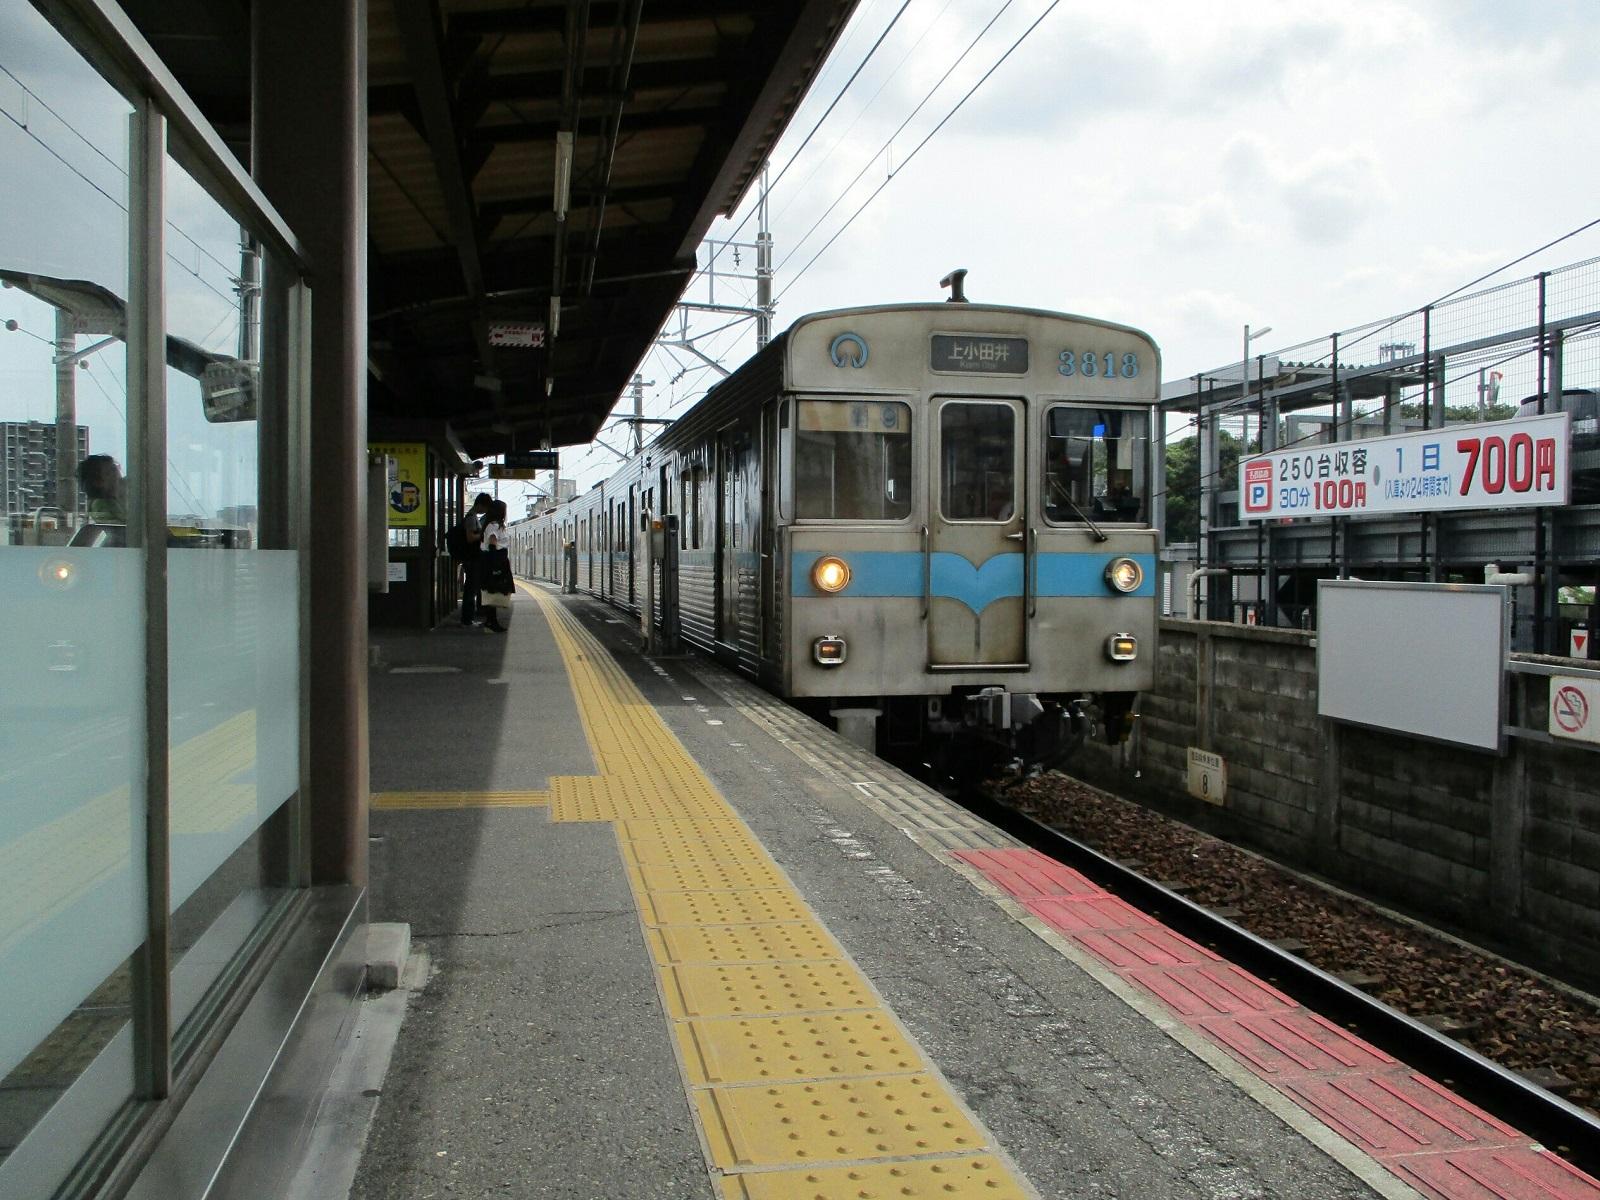 2018.6.14 豊田 (34) 梅坪 - 上小田井いきふつう 1600-1200